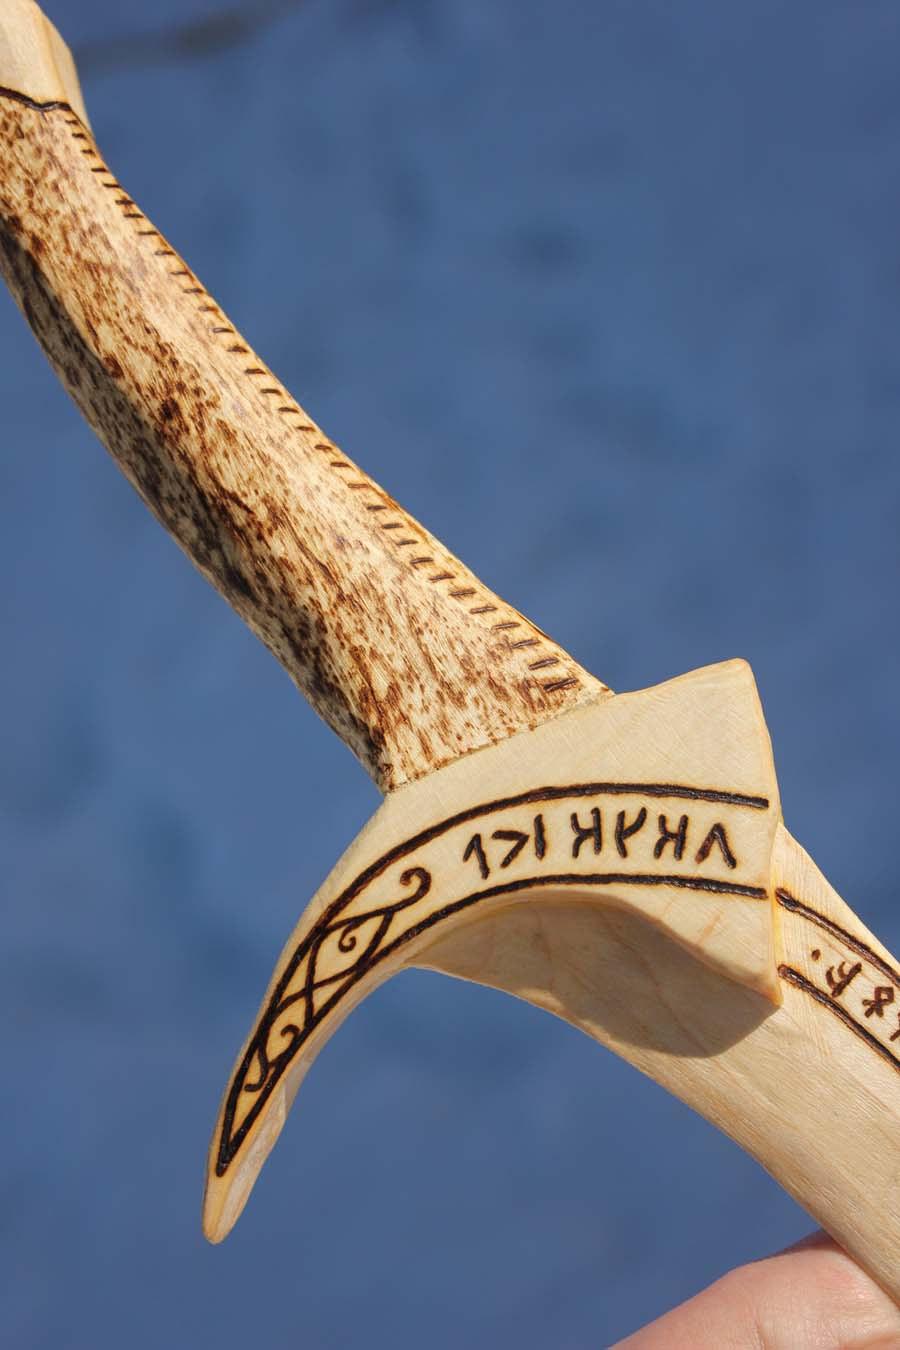 Sword clipart hobbit Thorin Movie item Hobbit Sword